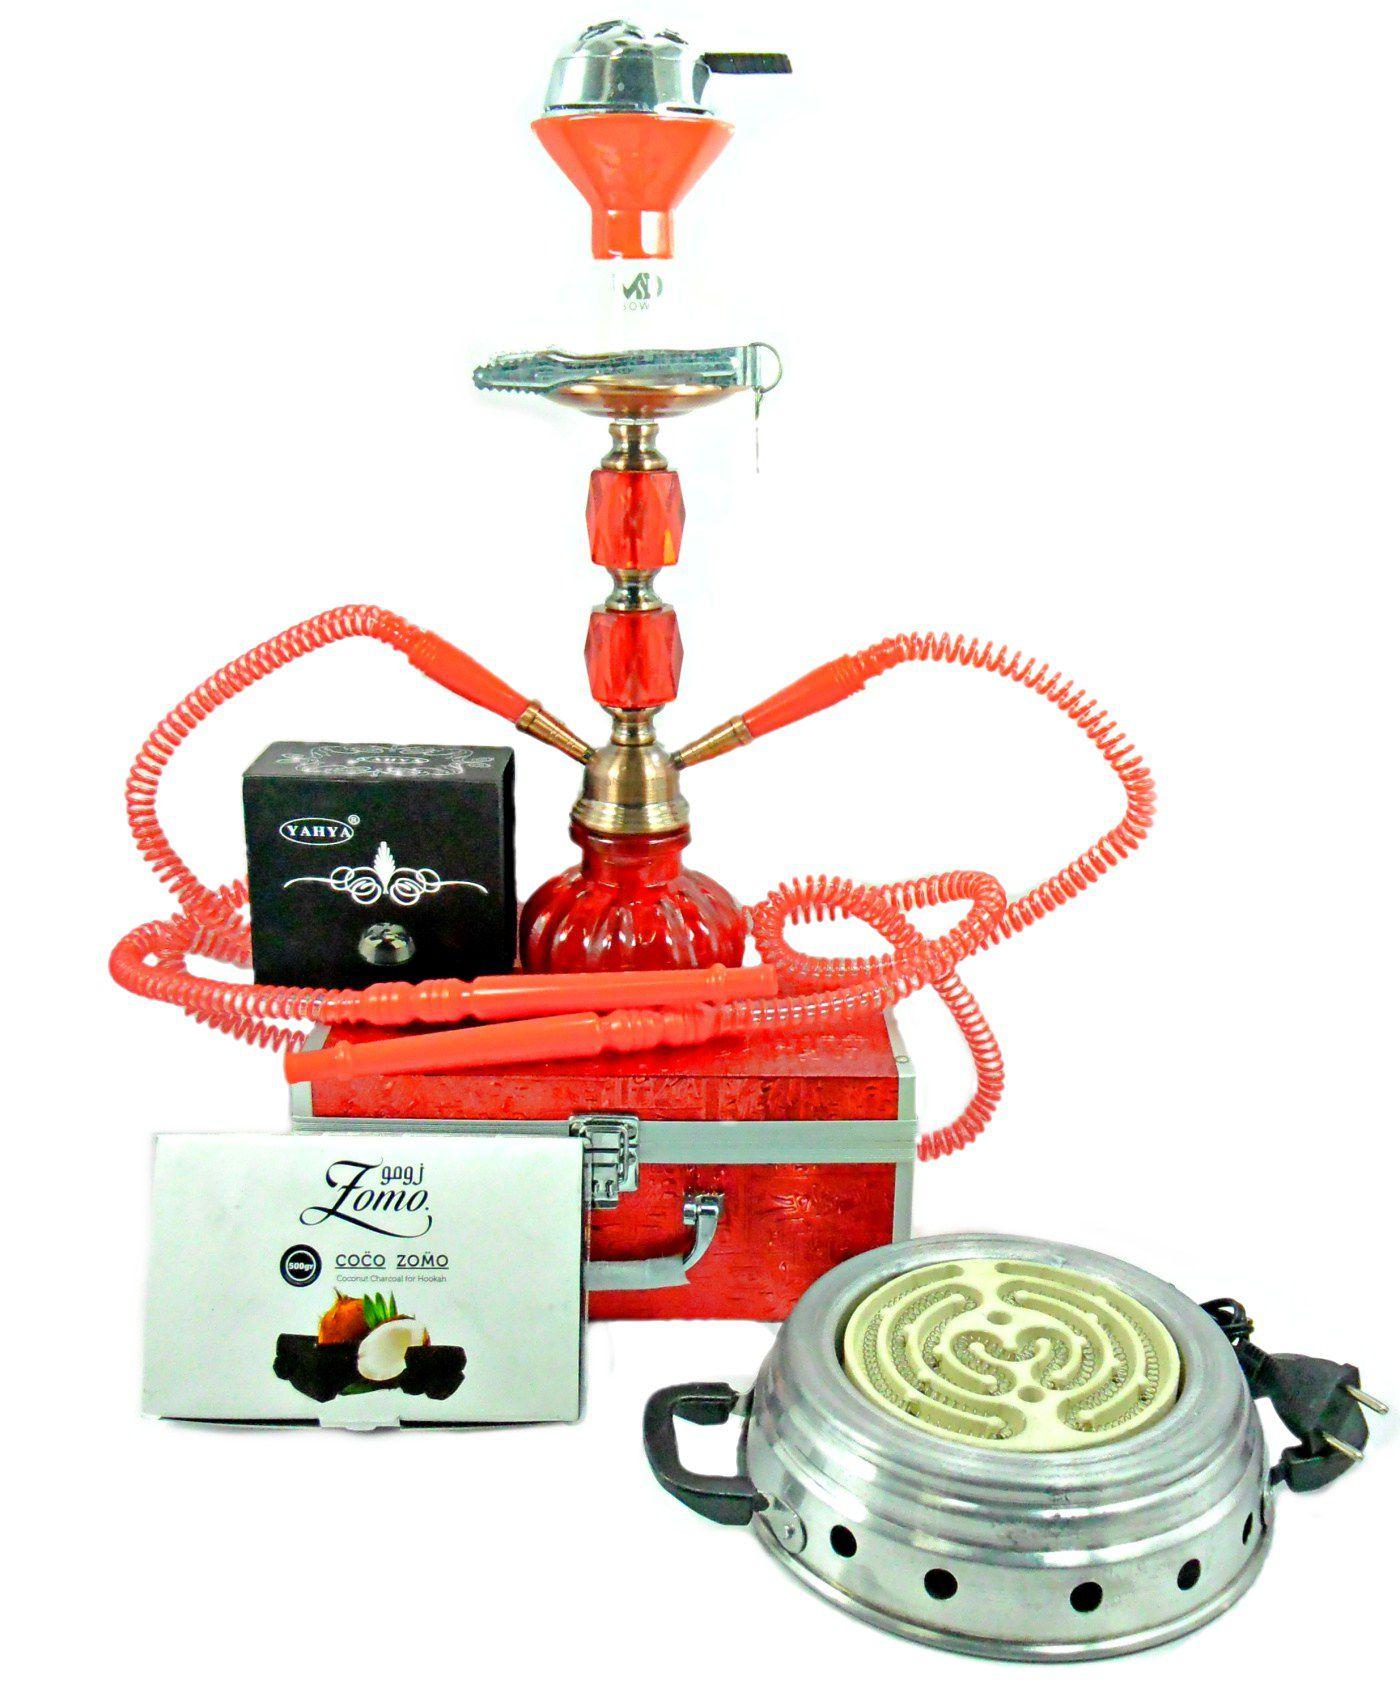 Narguile médio (30cm) de duas mangueiras com MALETA vermelho, rosh MD Bowl, controlador (kaloud), fogareiro e carvão 1kg